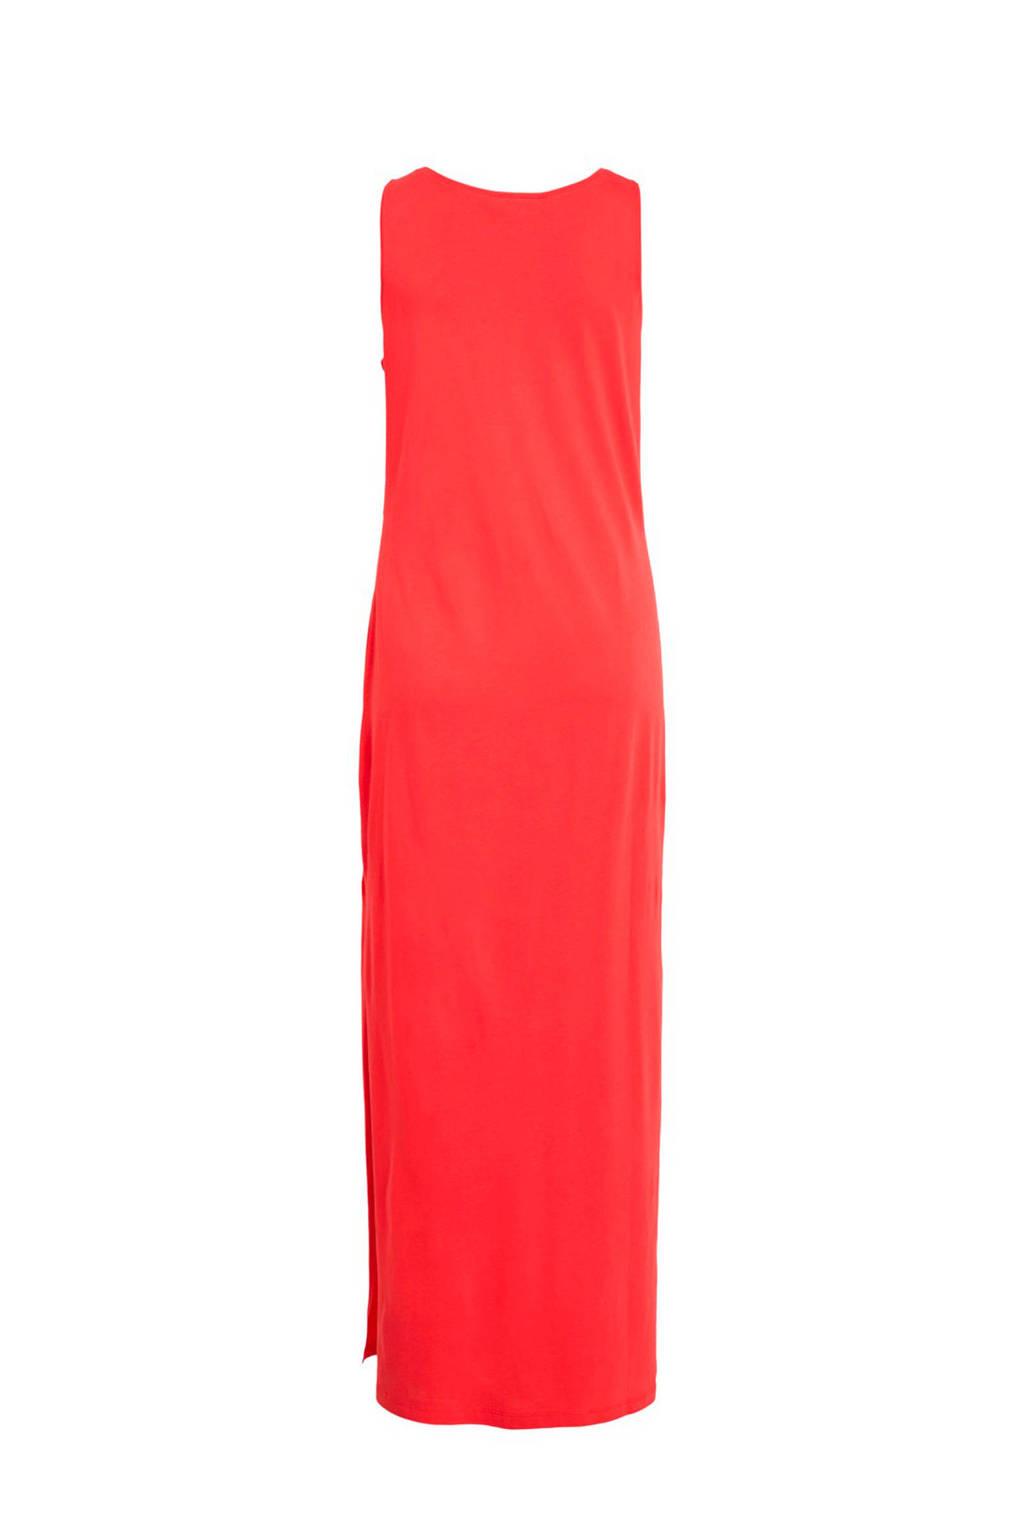 d4ba5a10316e71 VILA mouwloze maxi jurk rood